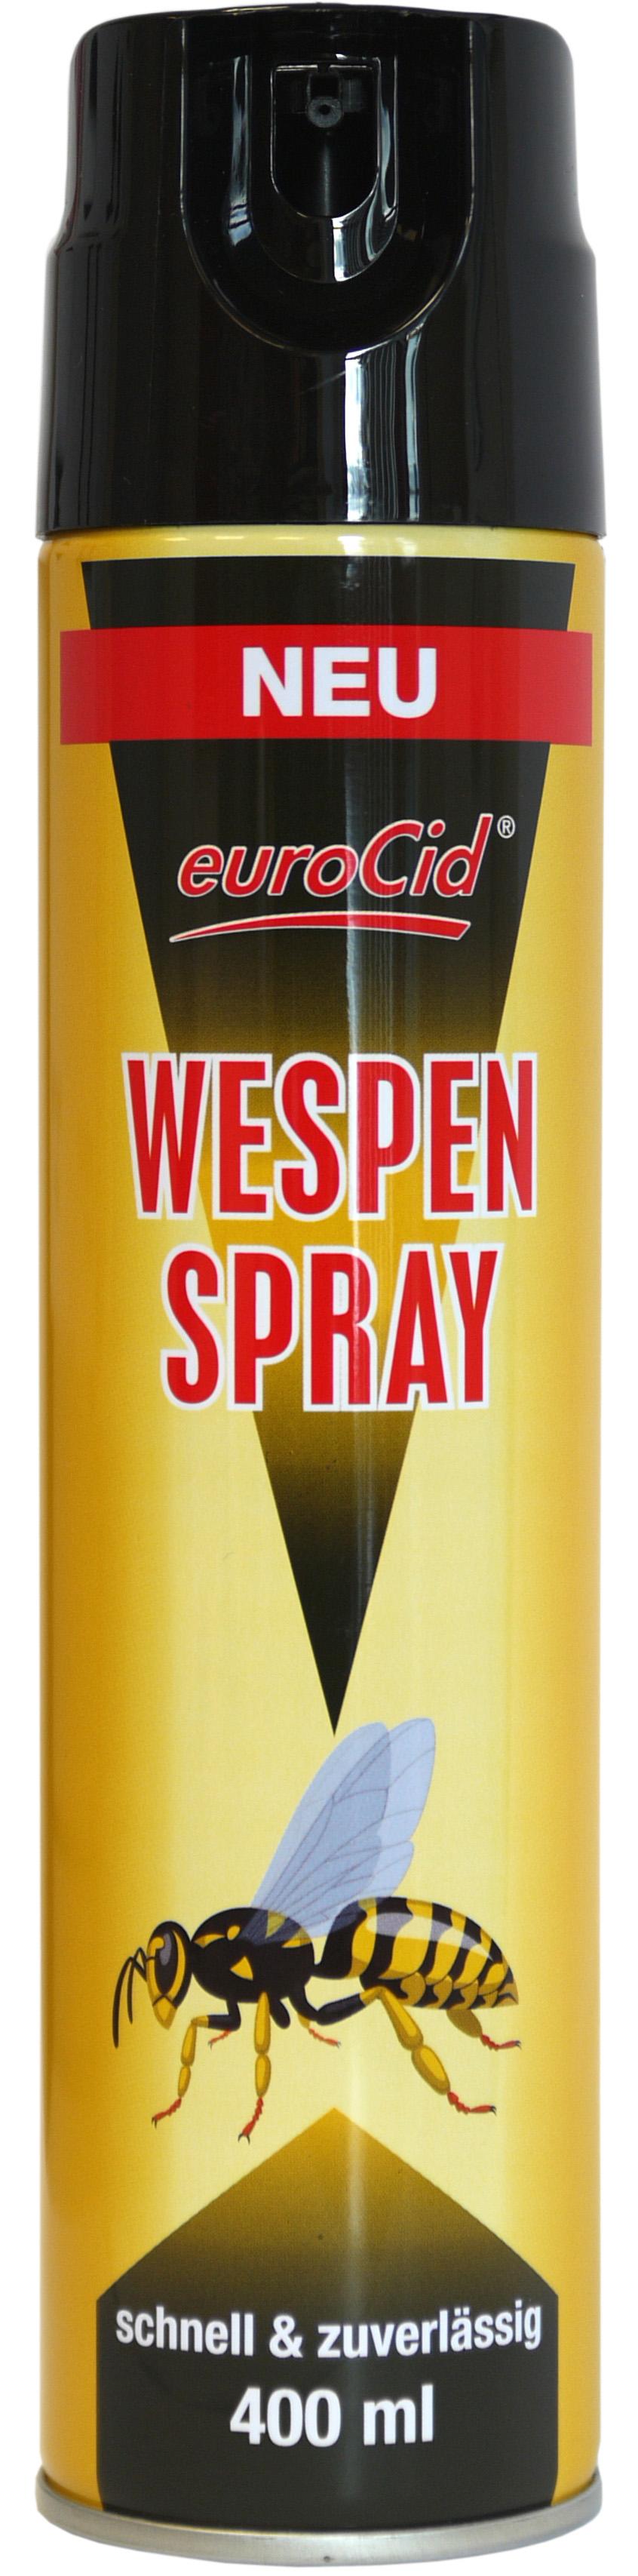 02193 - wasps spray 400 ml